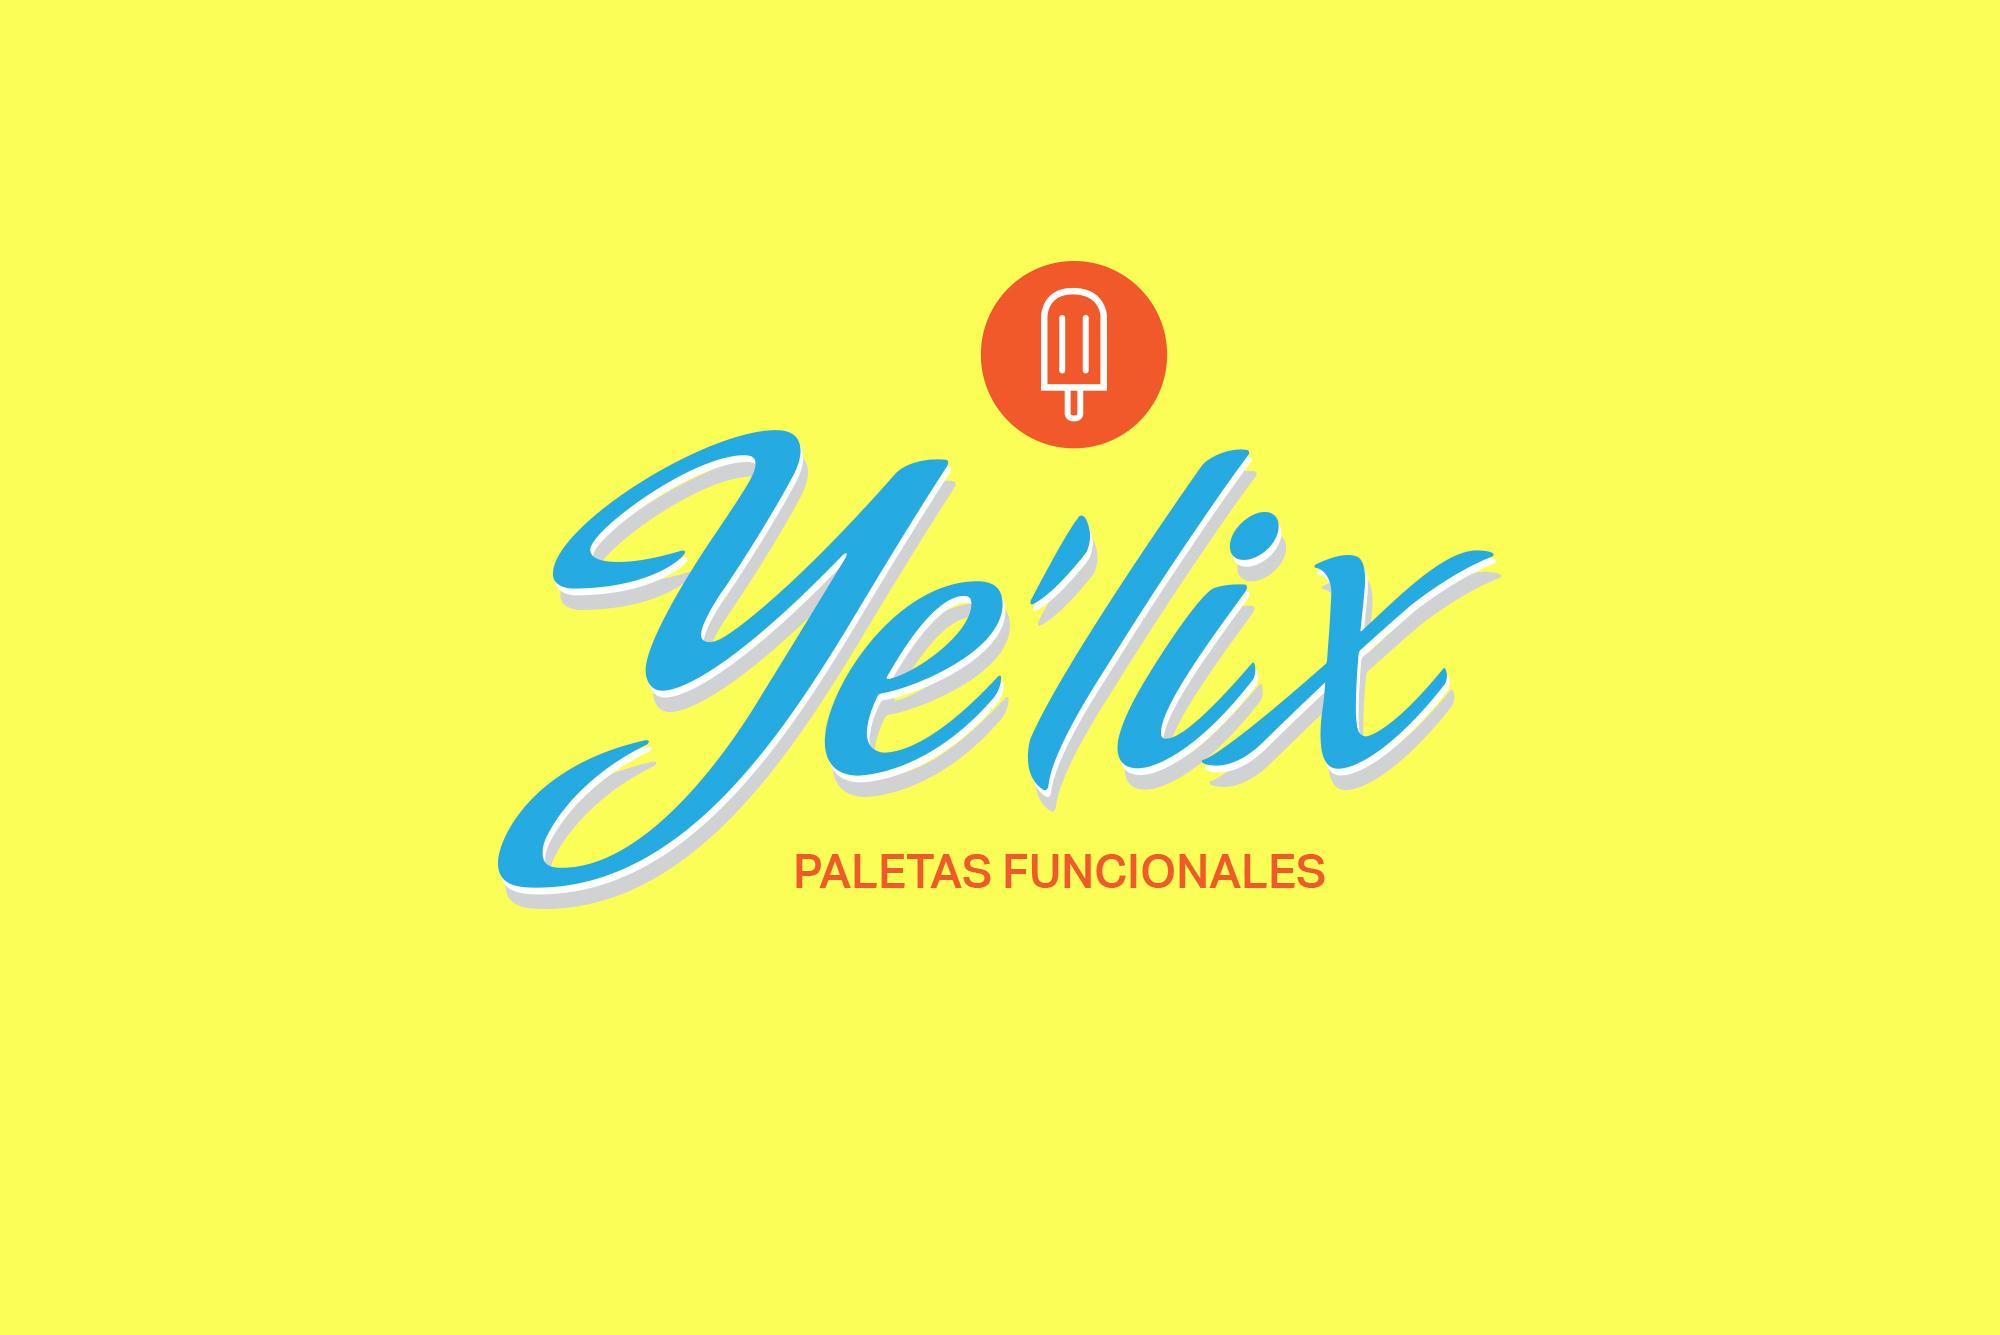 yelix